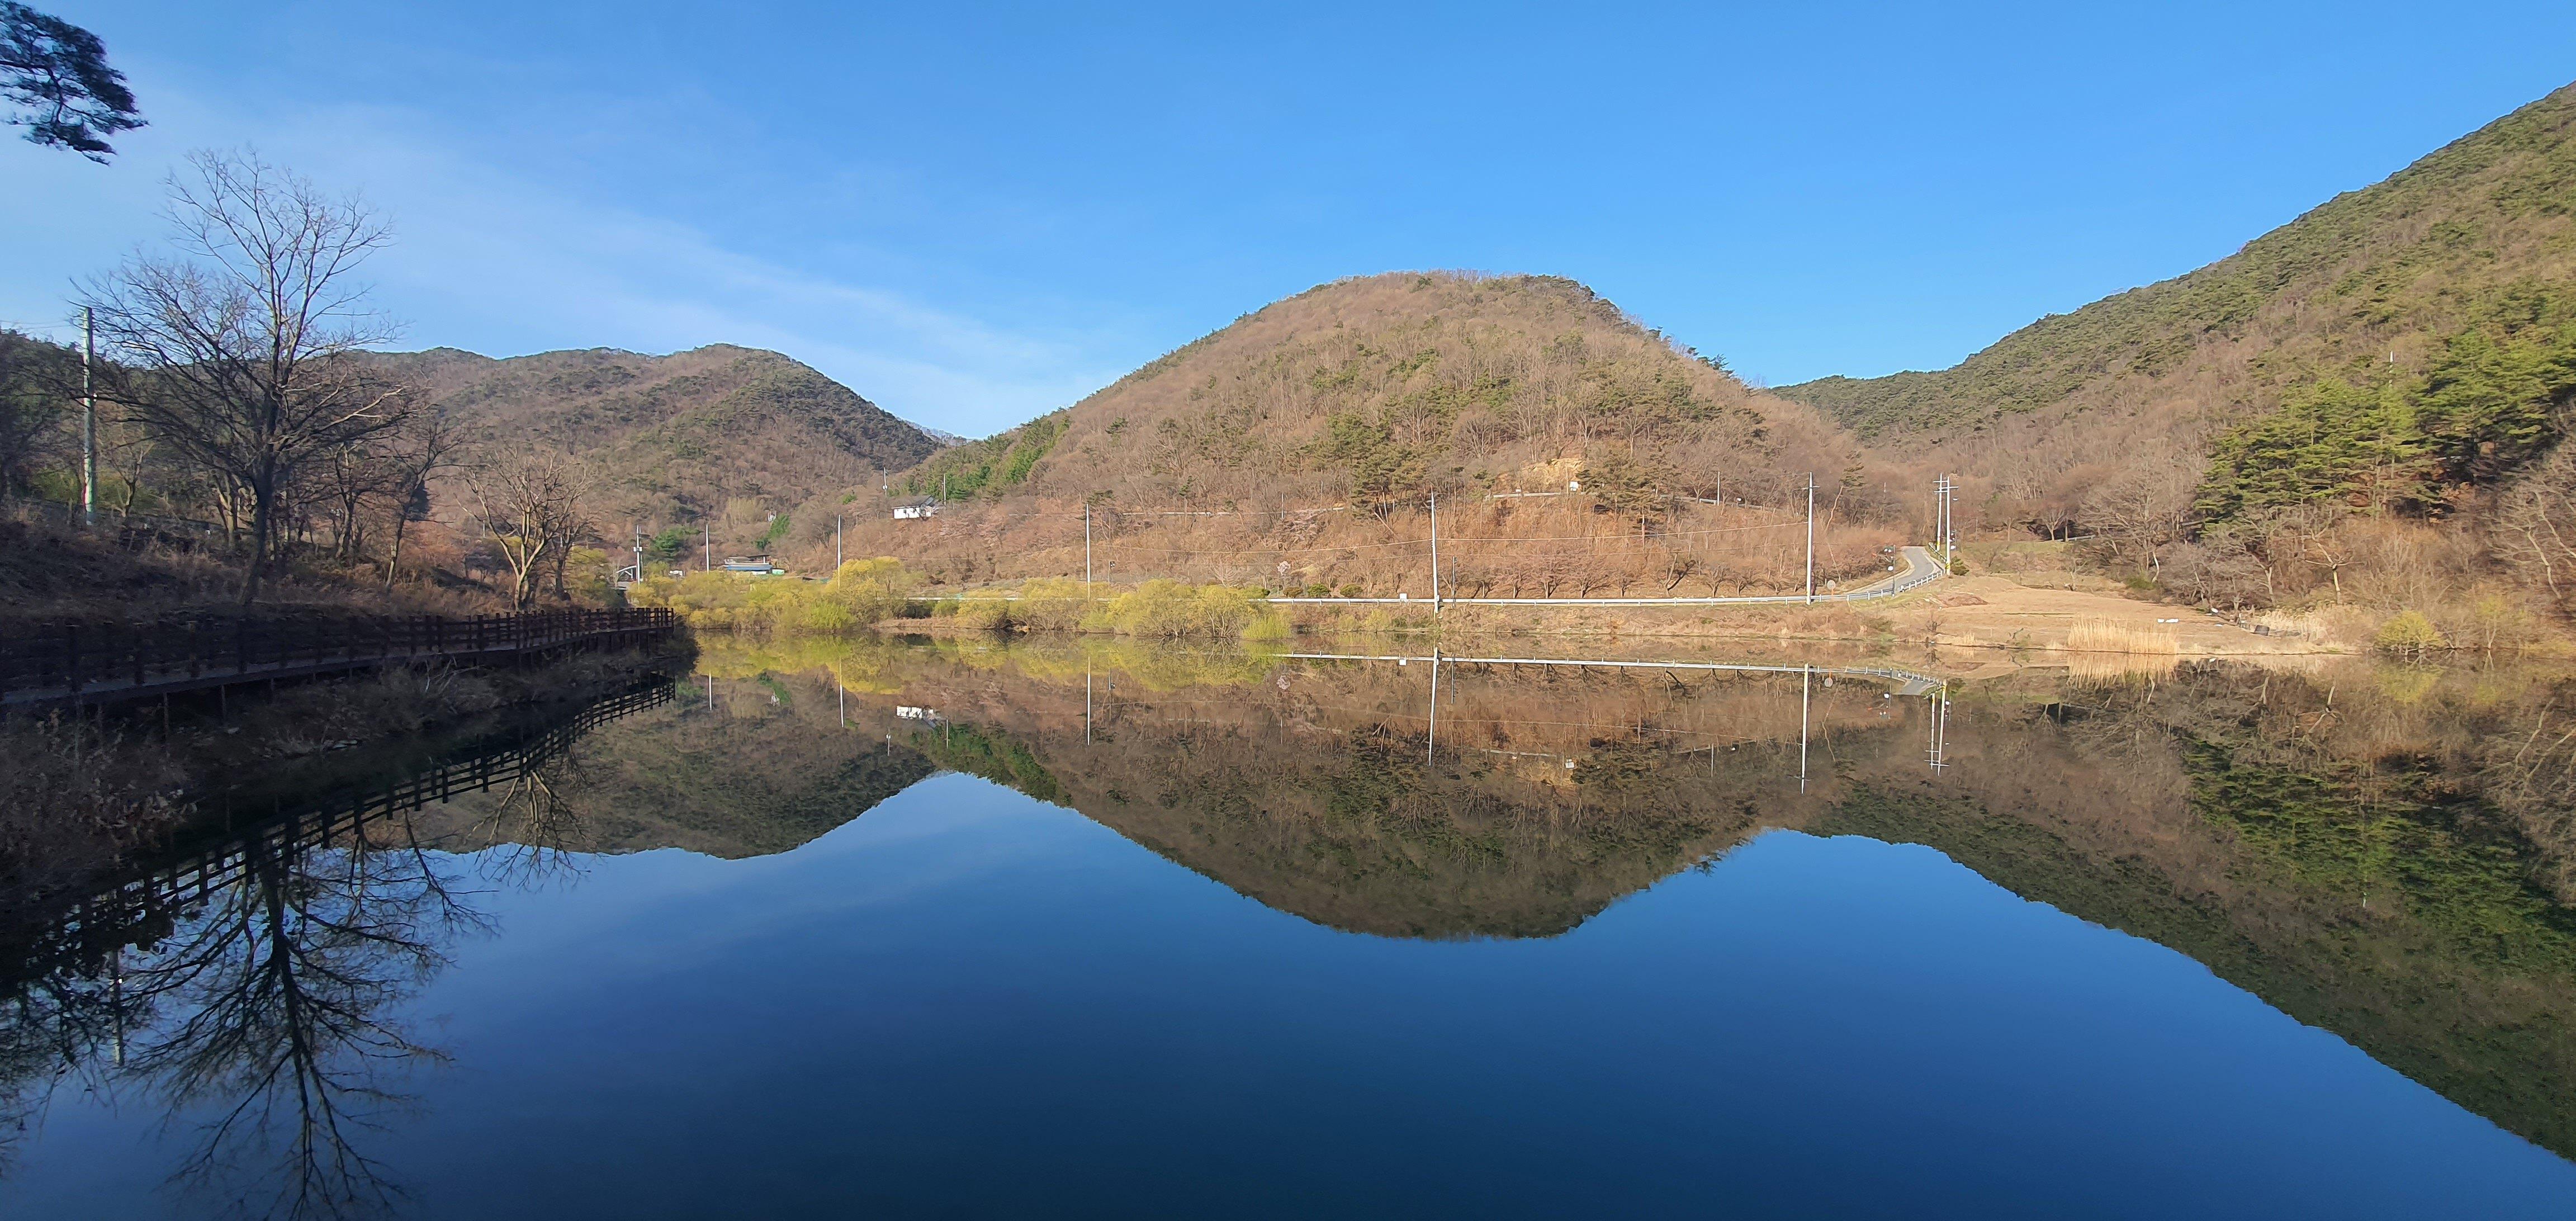 칠갑산자연휴양림 앞 칠갑호 풍경